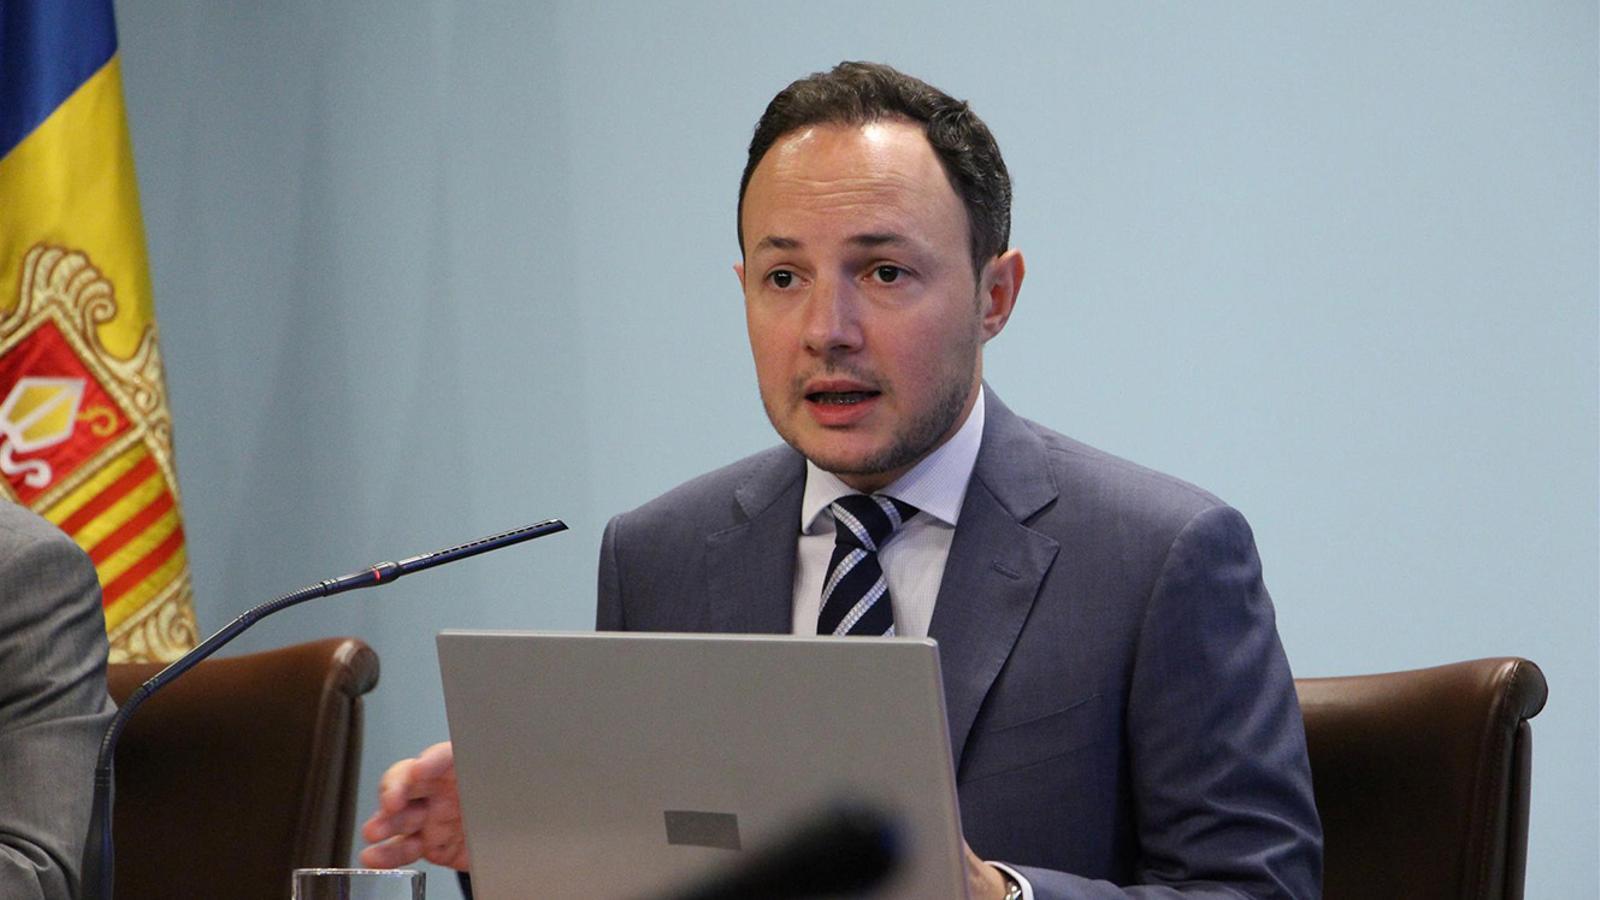 El ministre d'Afers Socials, Justícia i Interior, Xavier Espot, durant la presentació, aquest dimecres, del projecte de llei per a la igualtat de tracte i la no-discriminació./ M. M. (ANA)